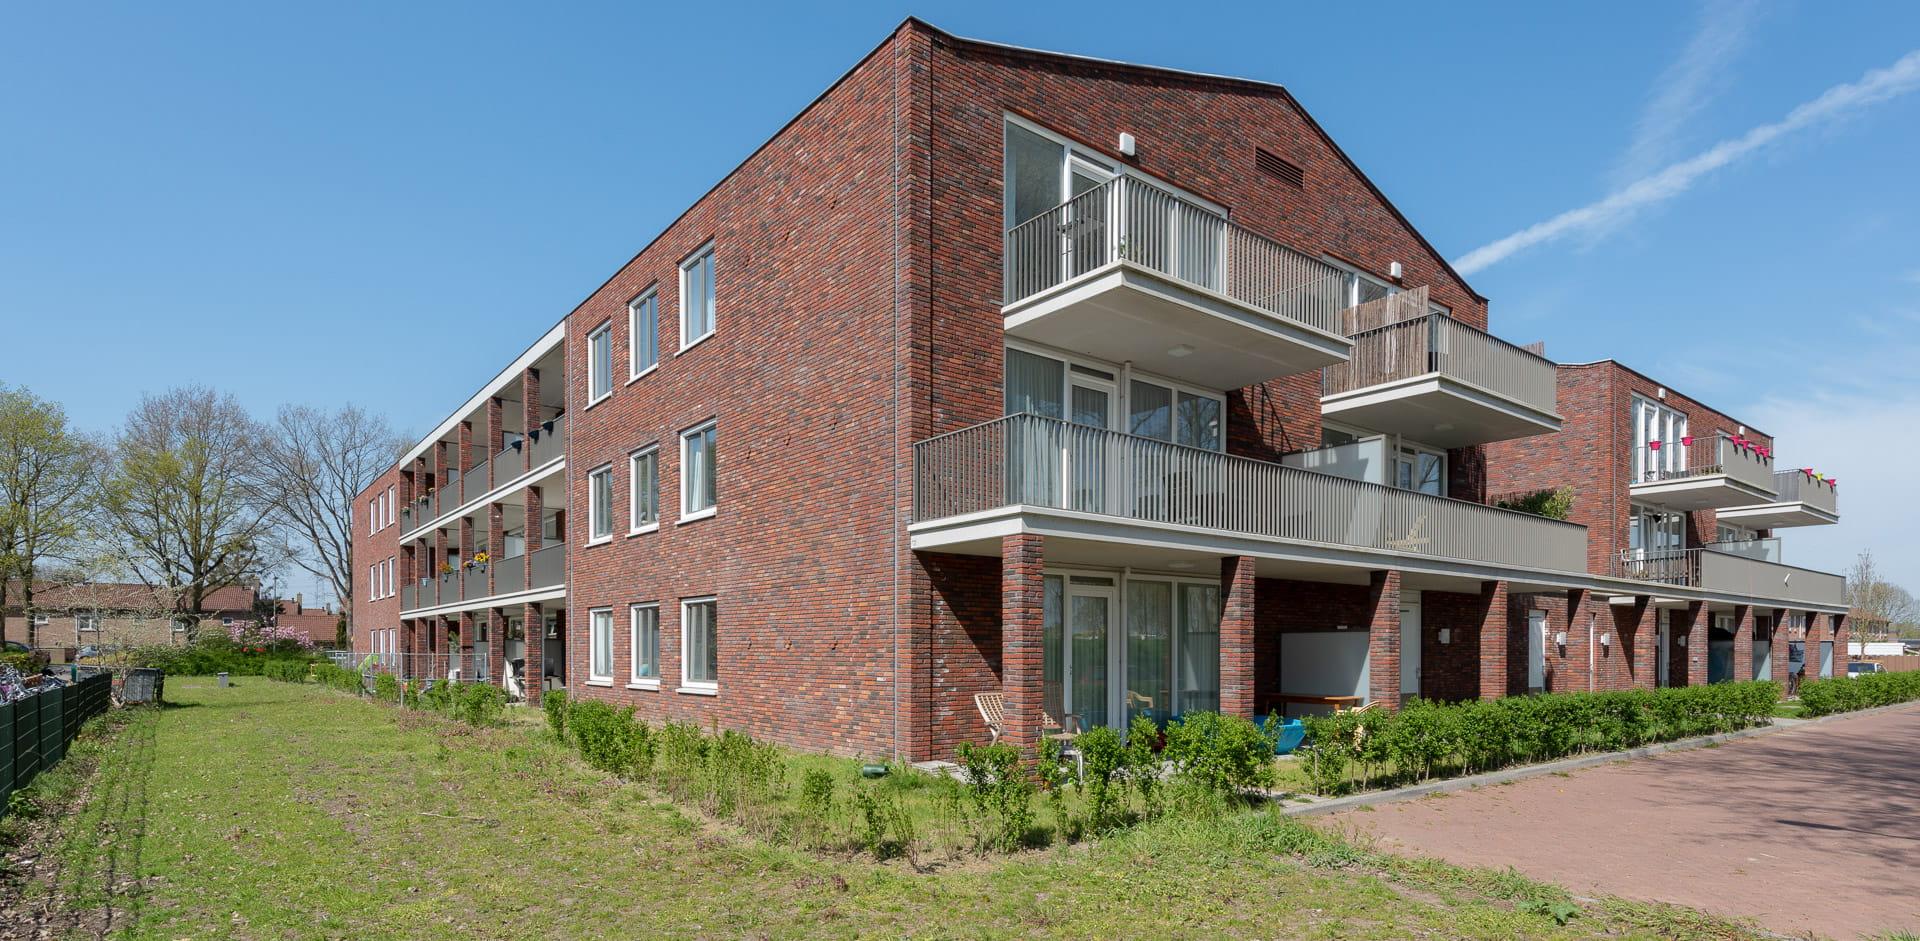 Roodbruikn gebouw met balkons schuin bekeken tegen een blauwe lucht